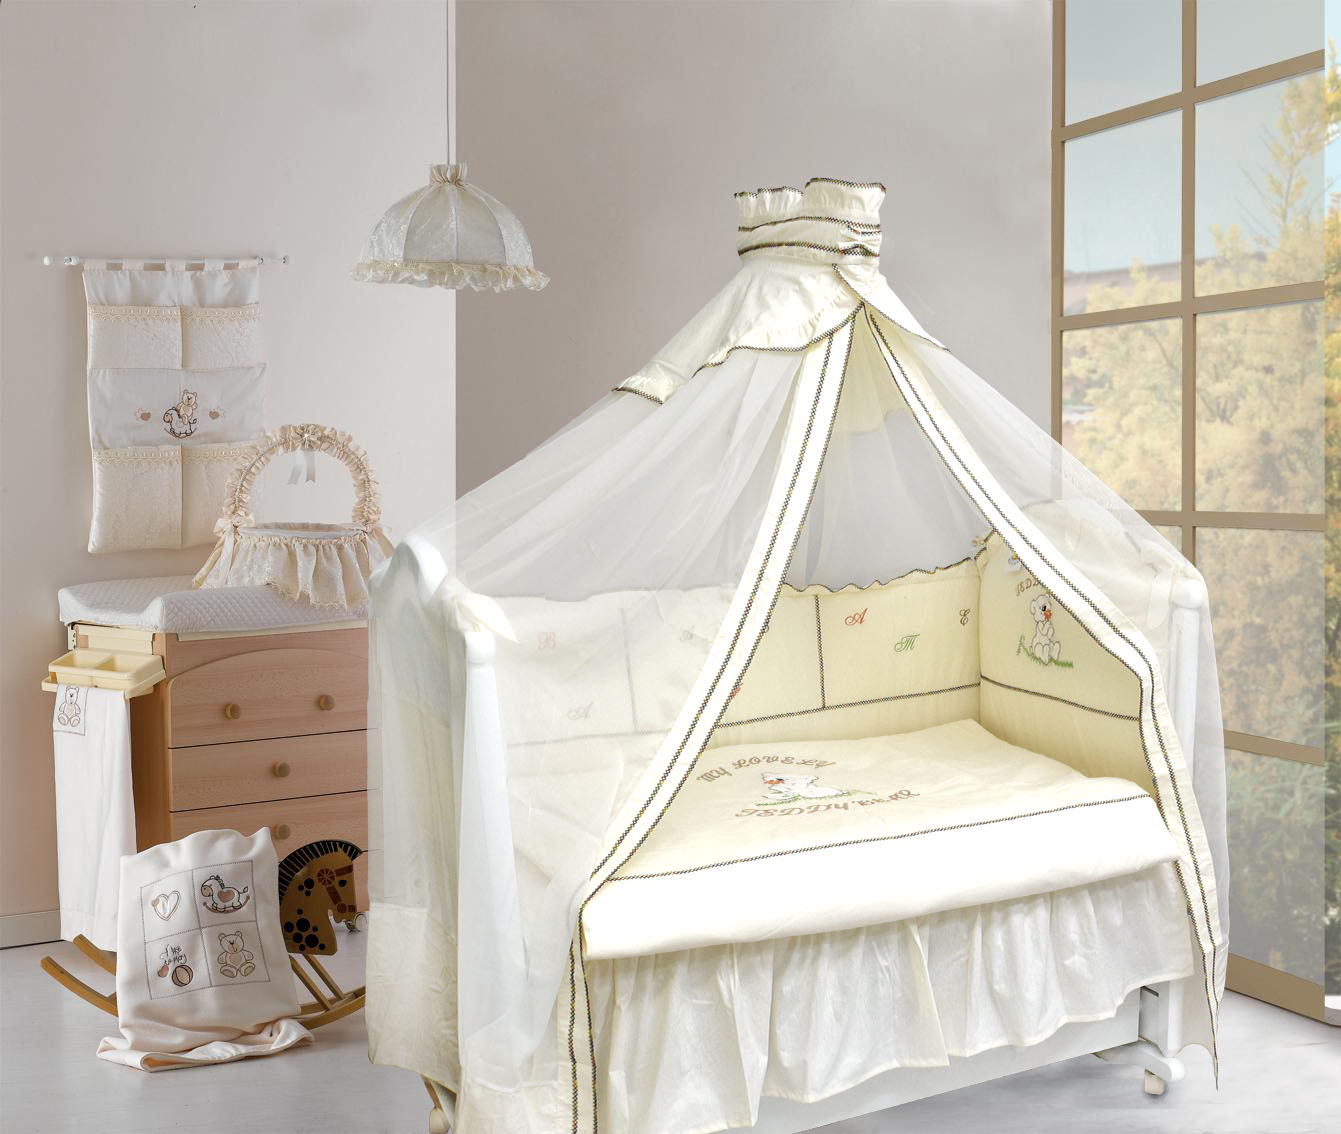 Комплект в кроватку – Тедди Бир, 8 предметов, бежевыйДетское постельное белье<br>Комплект в кроватку – Тедди Бир, 8 предметов, бежевый<br>